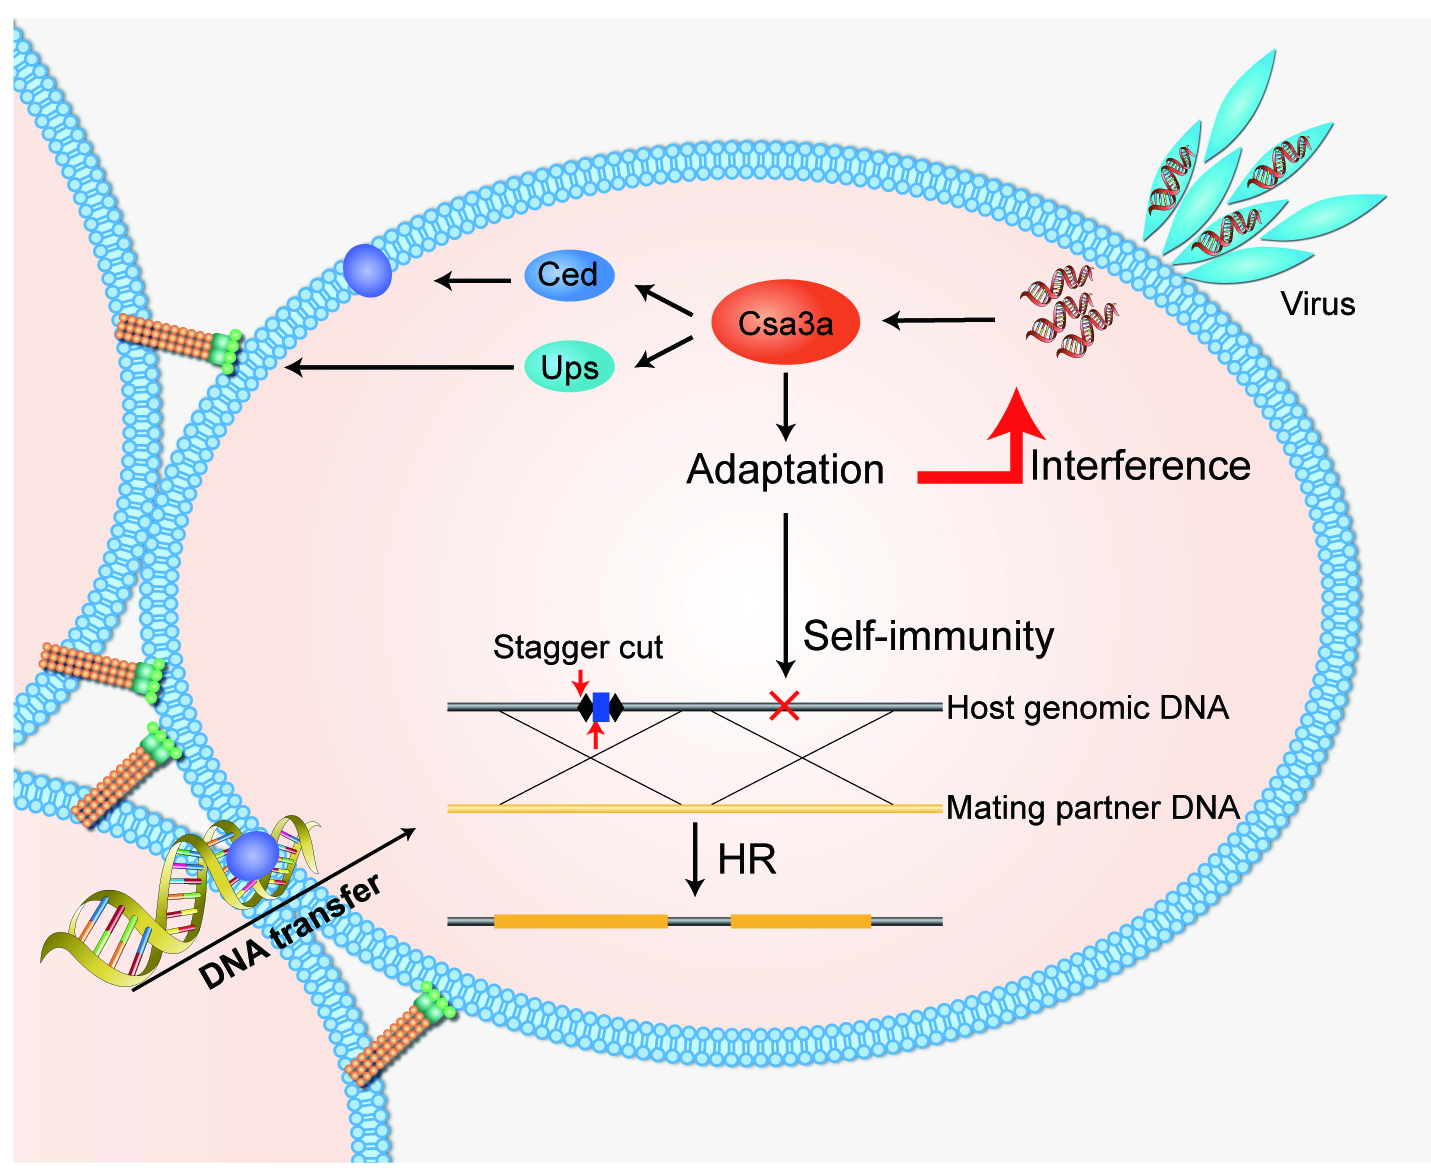 图2. Csa3a调控Ups和Ced系统参与修复由CRISPR自免疫造成的基因组DNA损伤